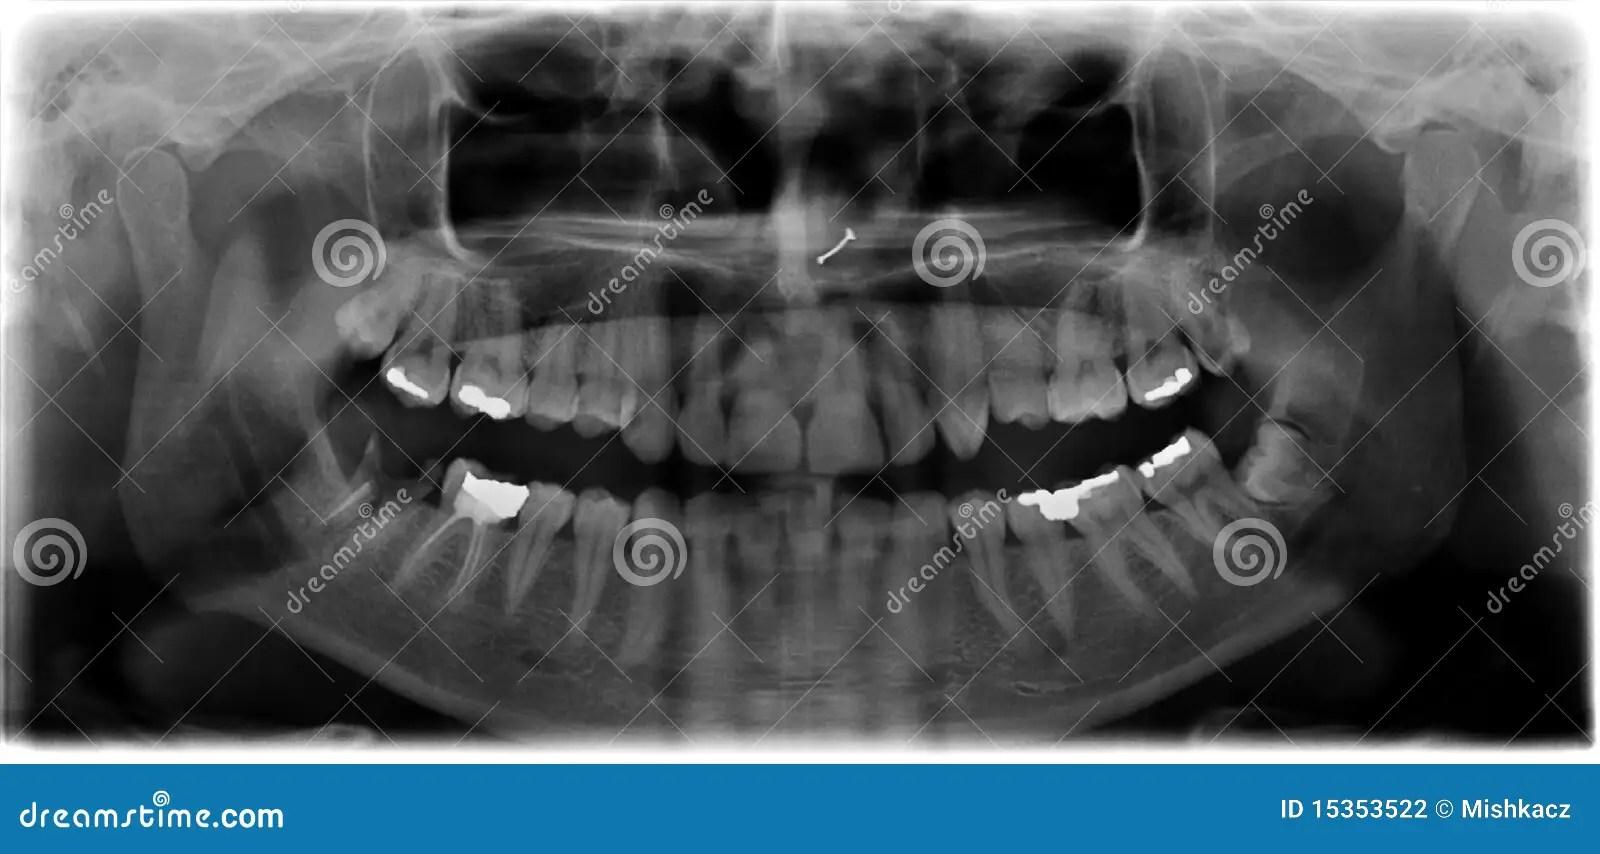 X Panoramic Anatomy Ray